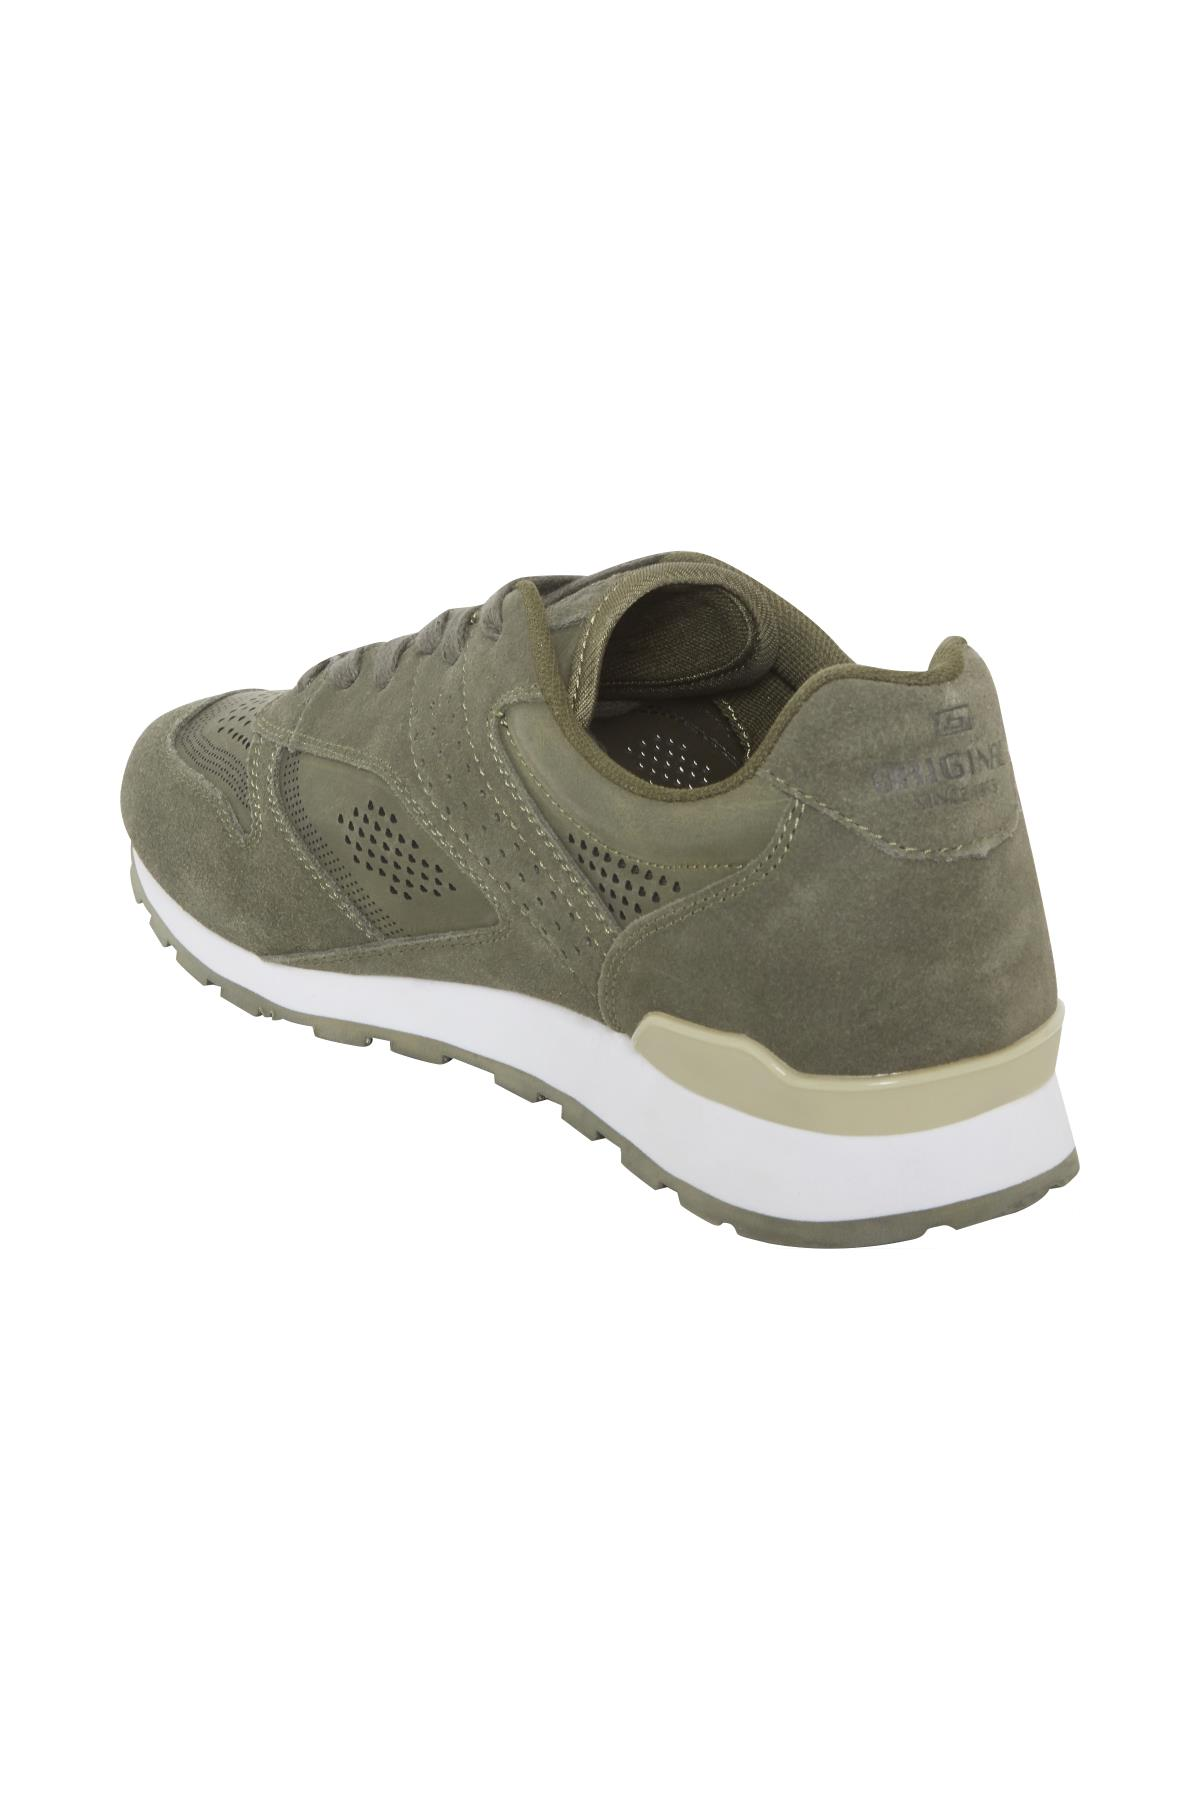 Dusty Olive Green Shoe fra Blend He Shoes – Køb Dusty Olive Green Shoe fra str. 41-46 her